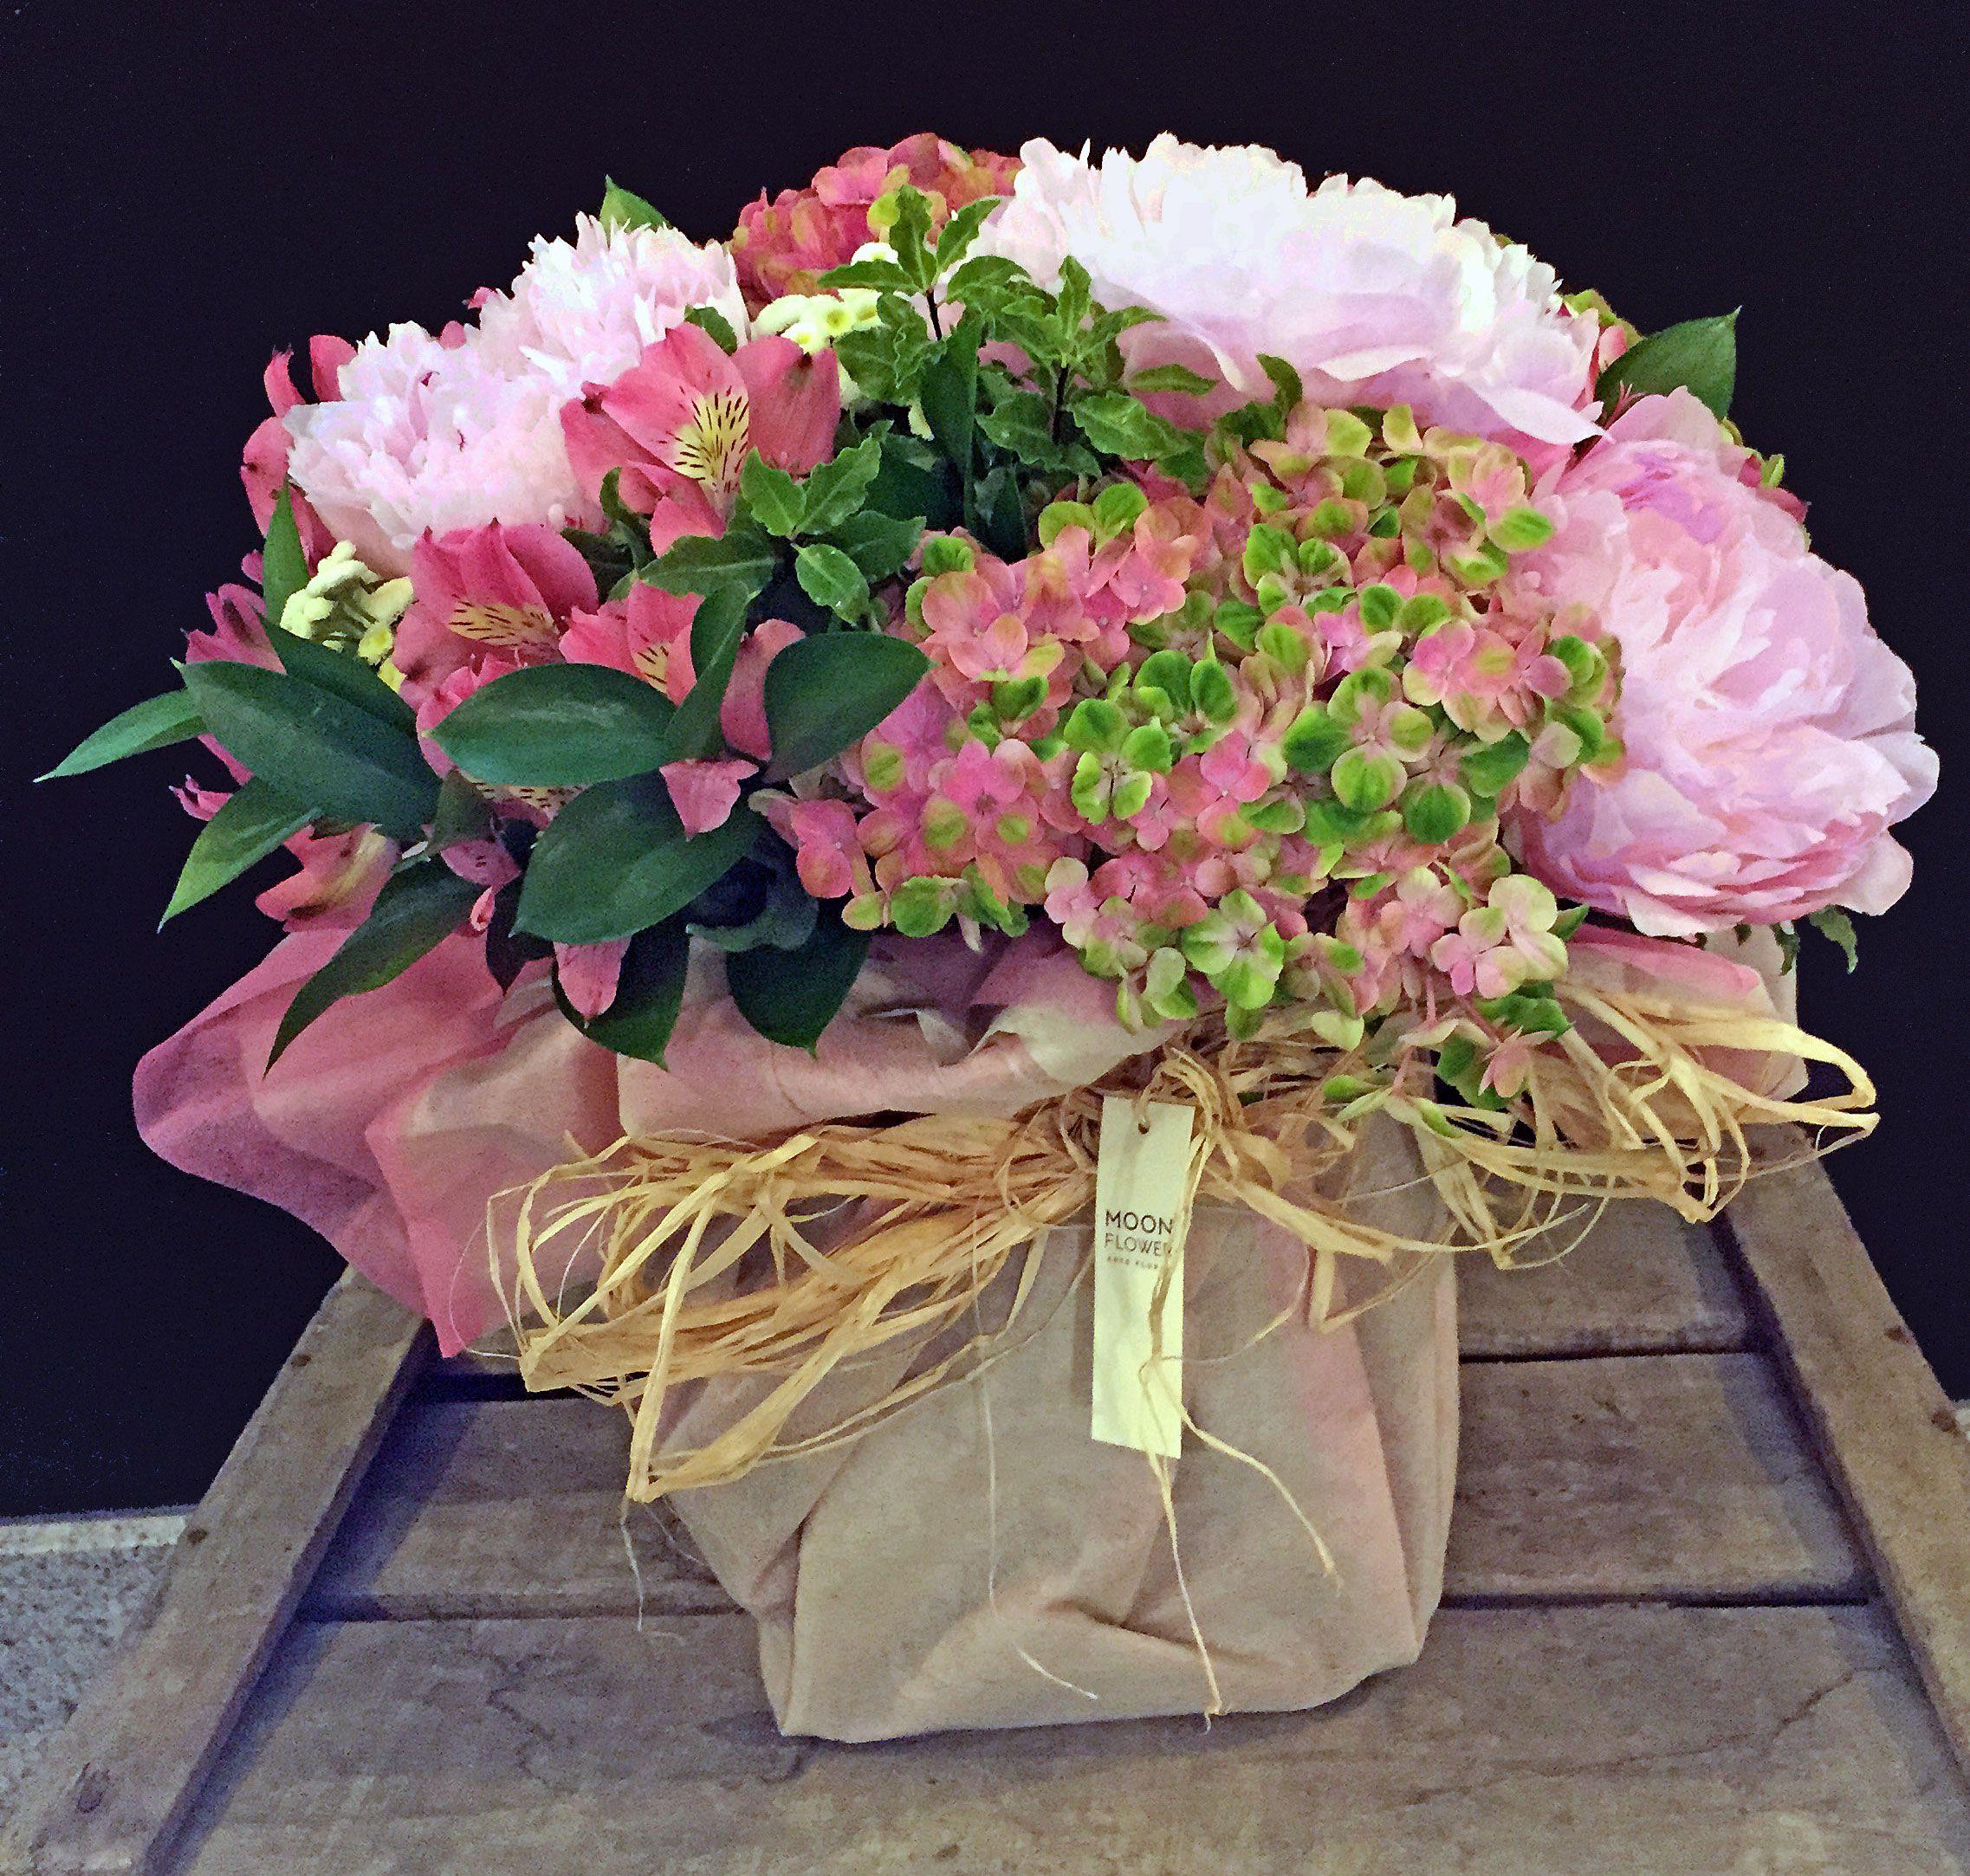 Centro con flores variadas en tonos rosas y verdes.